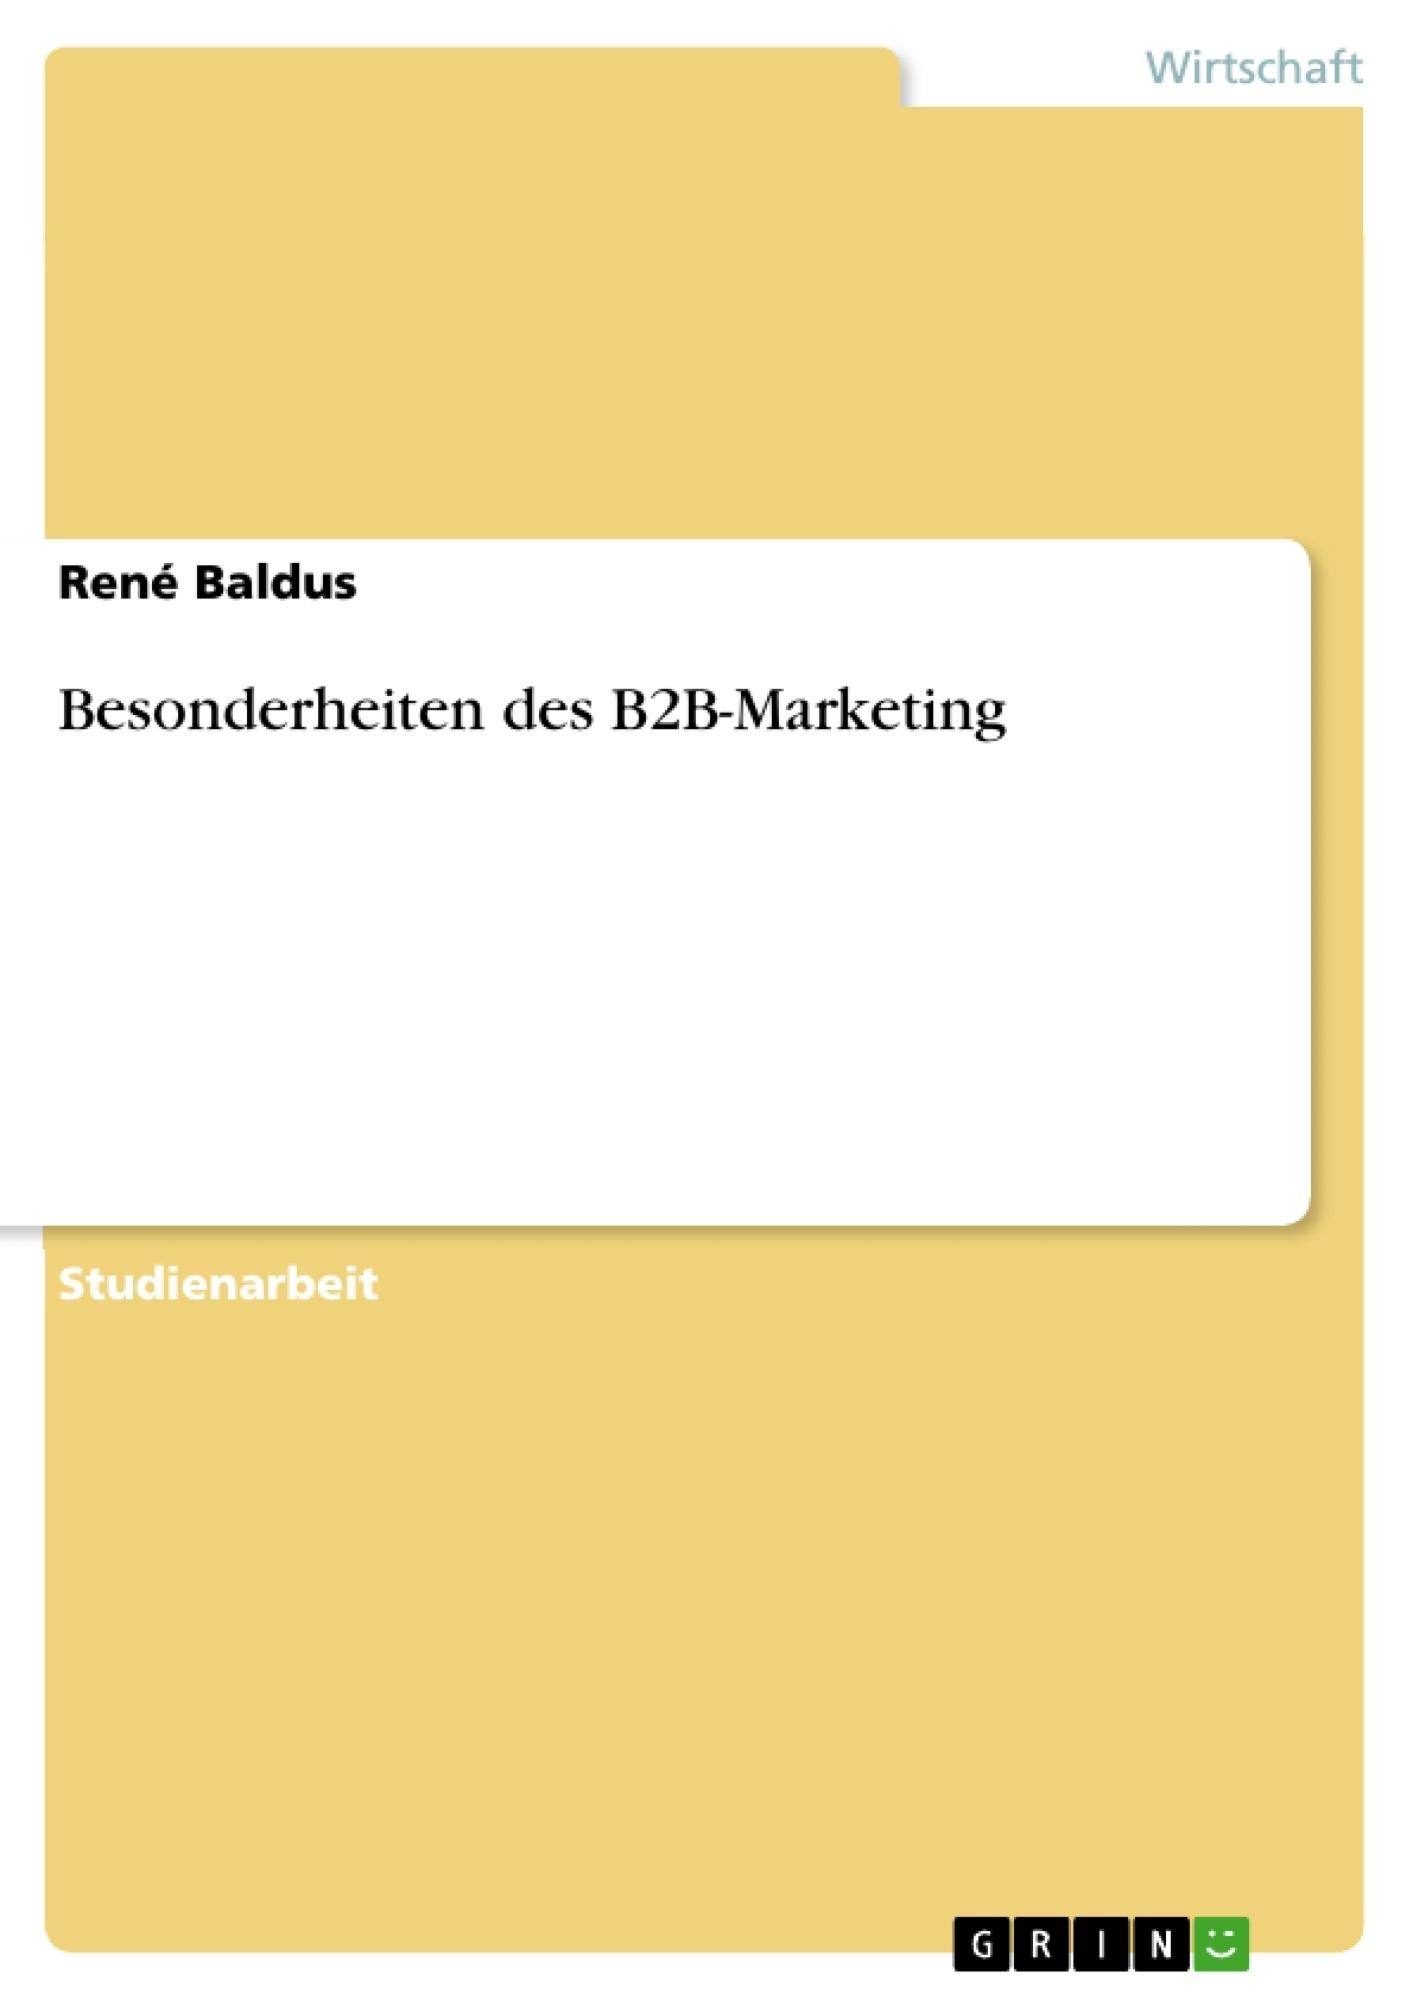 Titel: Besonderheiten des B2B-Marketing